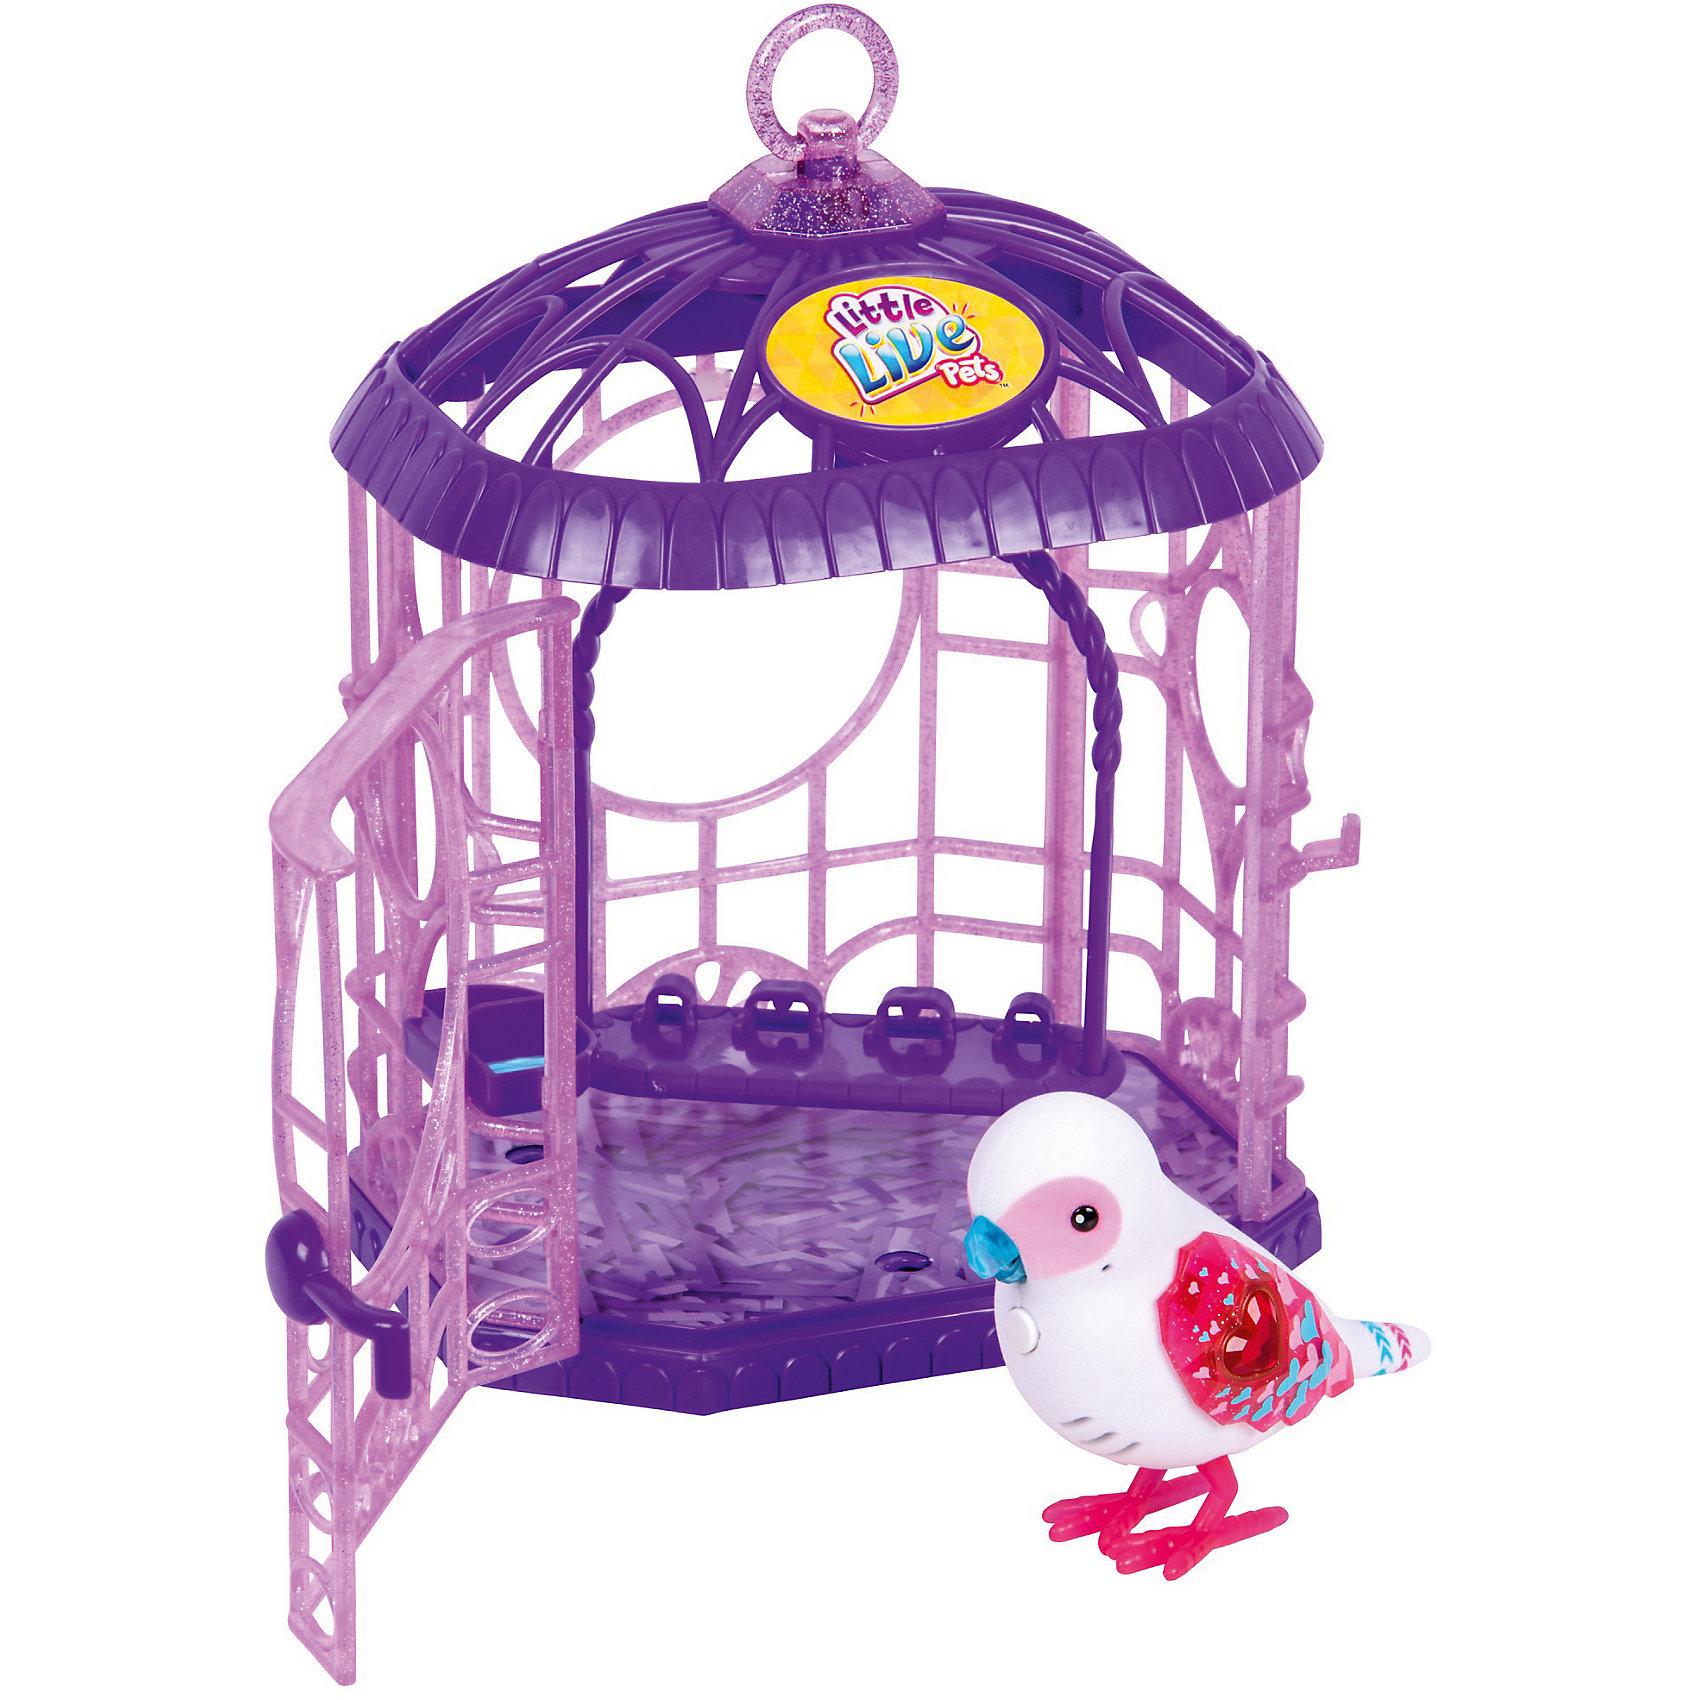 Интерактивная птичка в клетке, белая, Little Live Pets, MooseИнтерактивные животные<br>Характеристики товара:<br><br>• возраст от 5 лет;<br>• материал: пластик;<br>• в комплекте: птичка, клетка;<br>• работает от 2 батареек ААА (тестовые в комплекте);<br>• размер упаковки 29х15х18,9 см;<br>• вес упаковки 580 гр.;<br>• страна производитель: Китай.<br><br>Интерактивная птичка в клетке Little Live Pets Mosse белая — оригинальный маленький питомец, который умеет петь песенки, двигать клювом и реагирует на поглаживания. У птички яркие крылышки, украшенные камушком и узорами. На груди птички кнопка, нажав на которую, птичка начинает петь. Дома птичку можно держать в клетке с открывающейся дверцей, внутри которой есть шест для птички и кормушка. На клетке имеется кольцо, за которое клетку можно подвесить. <br><br>Интерактивную птичку в клетке Little Live Pets Mosse белую можно приобрести в нашем интернет-магазине.<br><br>Ширина мм: 150<br>Глубина мм: 189<br>Высота мм: 290<br>Вес г: 580<br>Возраст от месяцев: 60<br>Возраст до месяцев: 2147483647<br>Пол: Унисекс<br>Возраст: Детский<br>SKU: 5612001